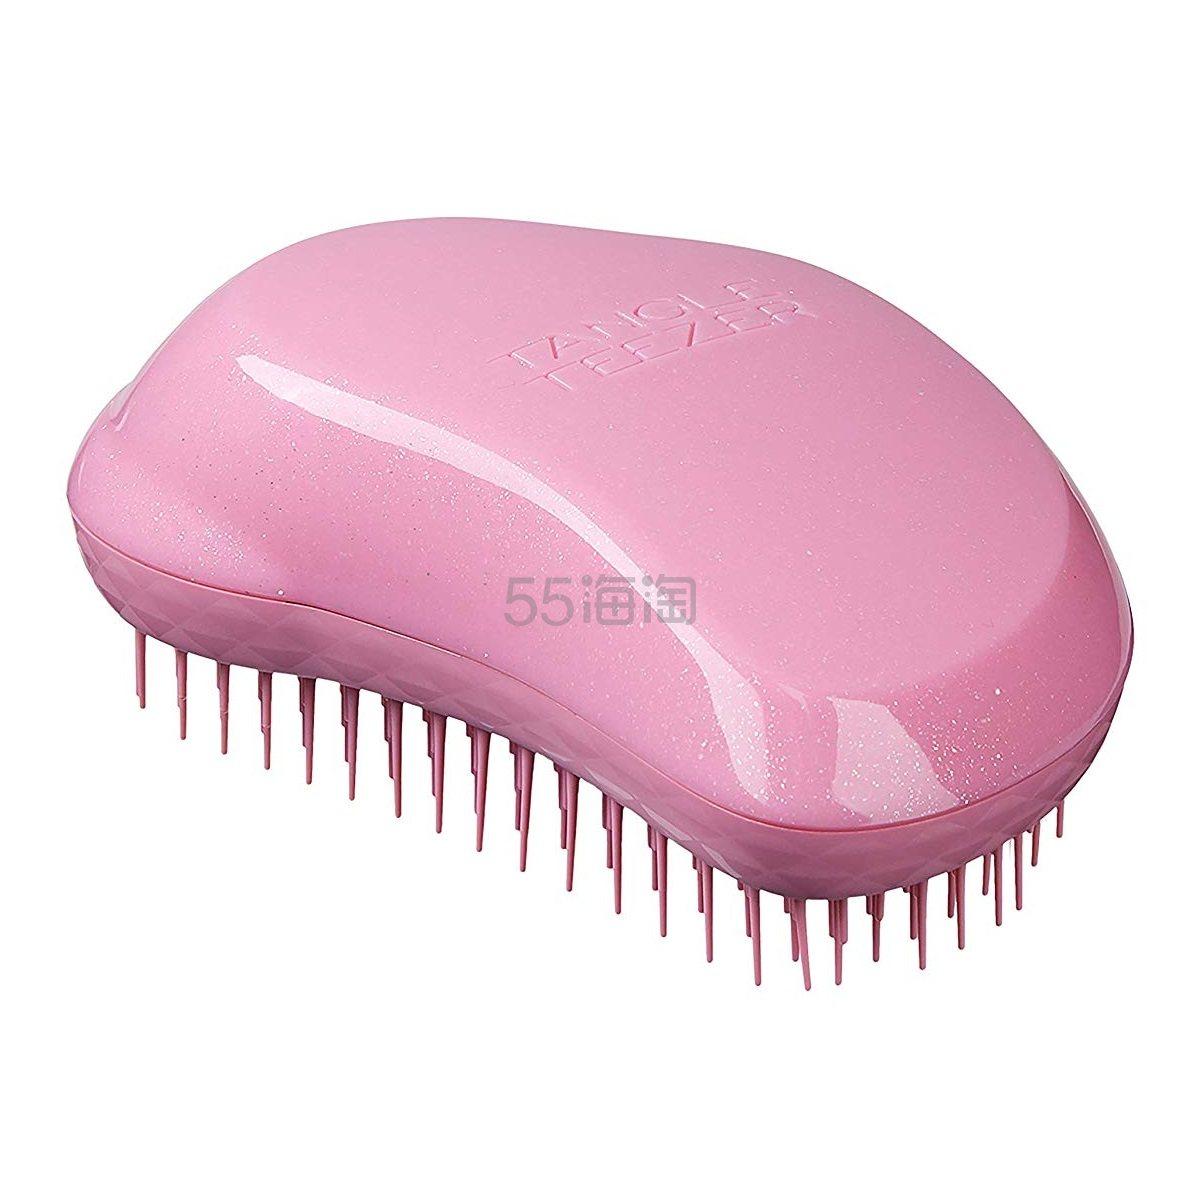 【中亚Prime会员】Tangle Teezer 家用款粉色美发梳 不打结 到手价65元 - 海淘优惠海淘折扣|55海淘网